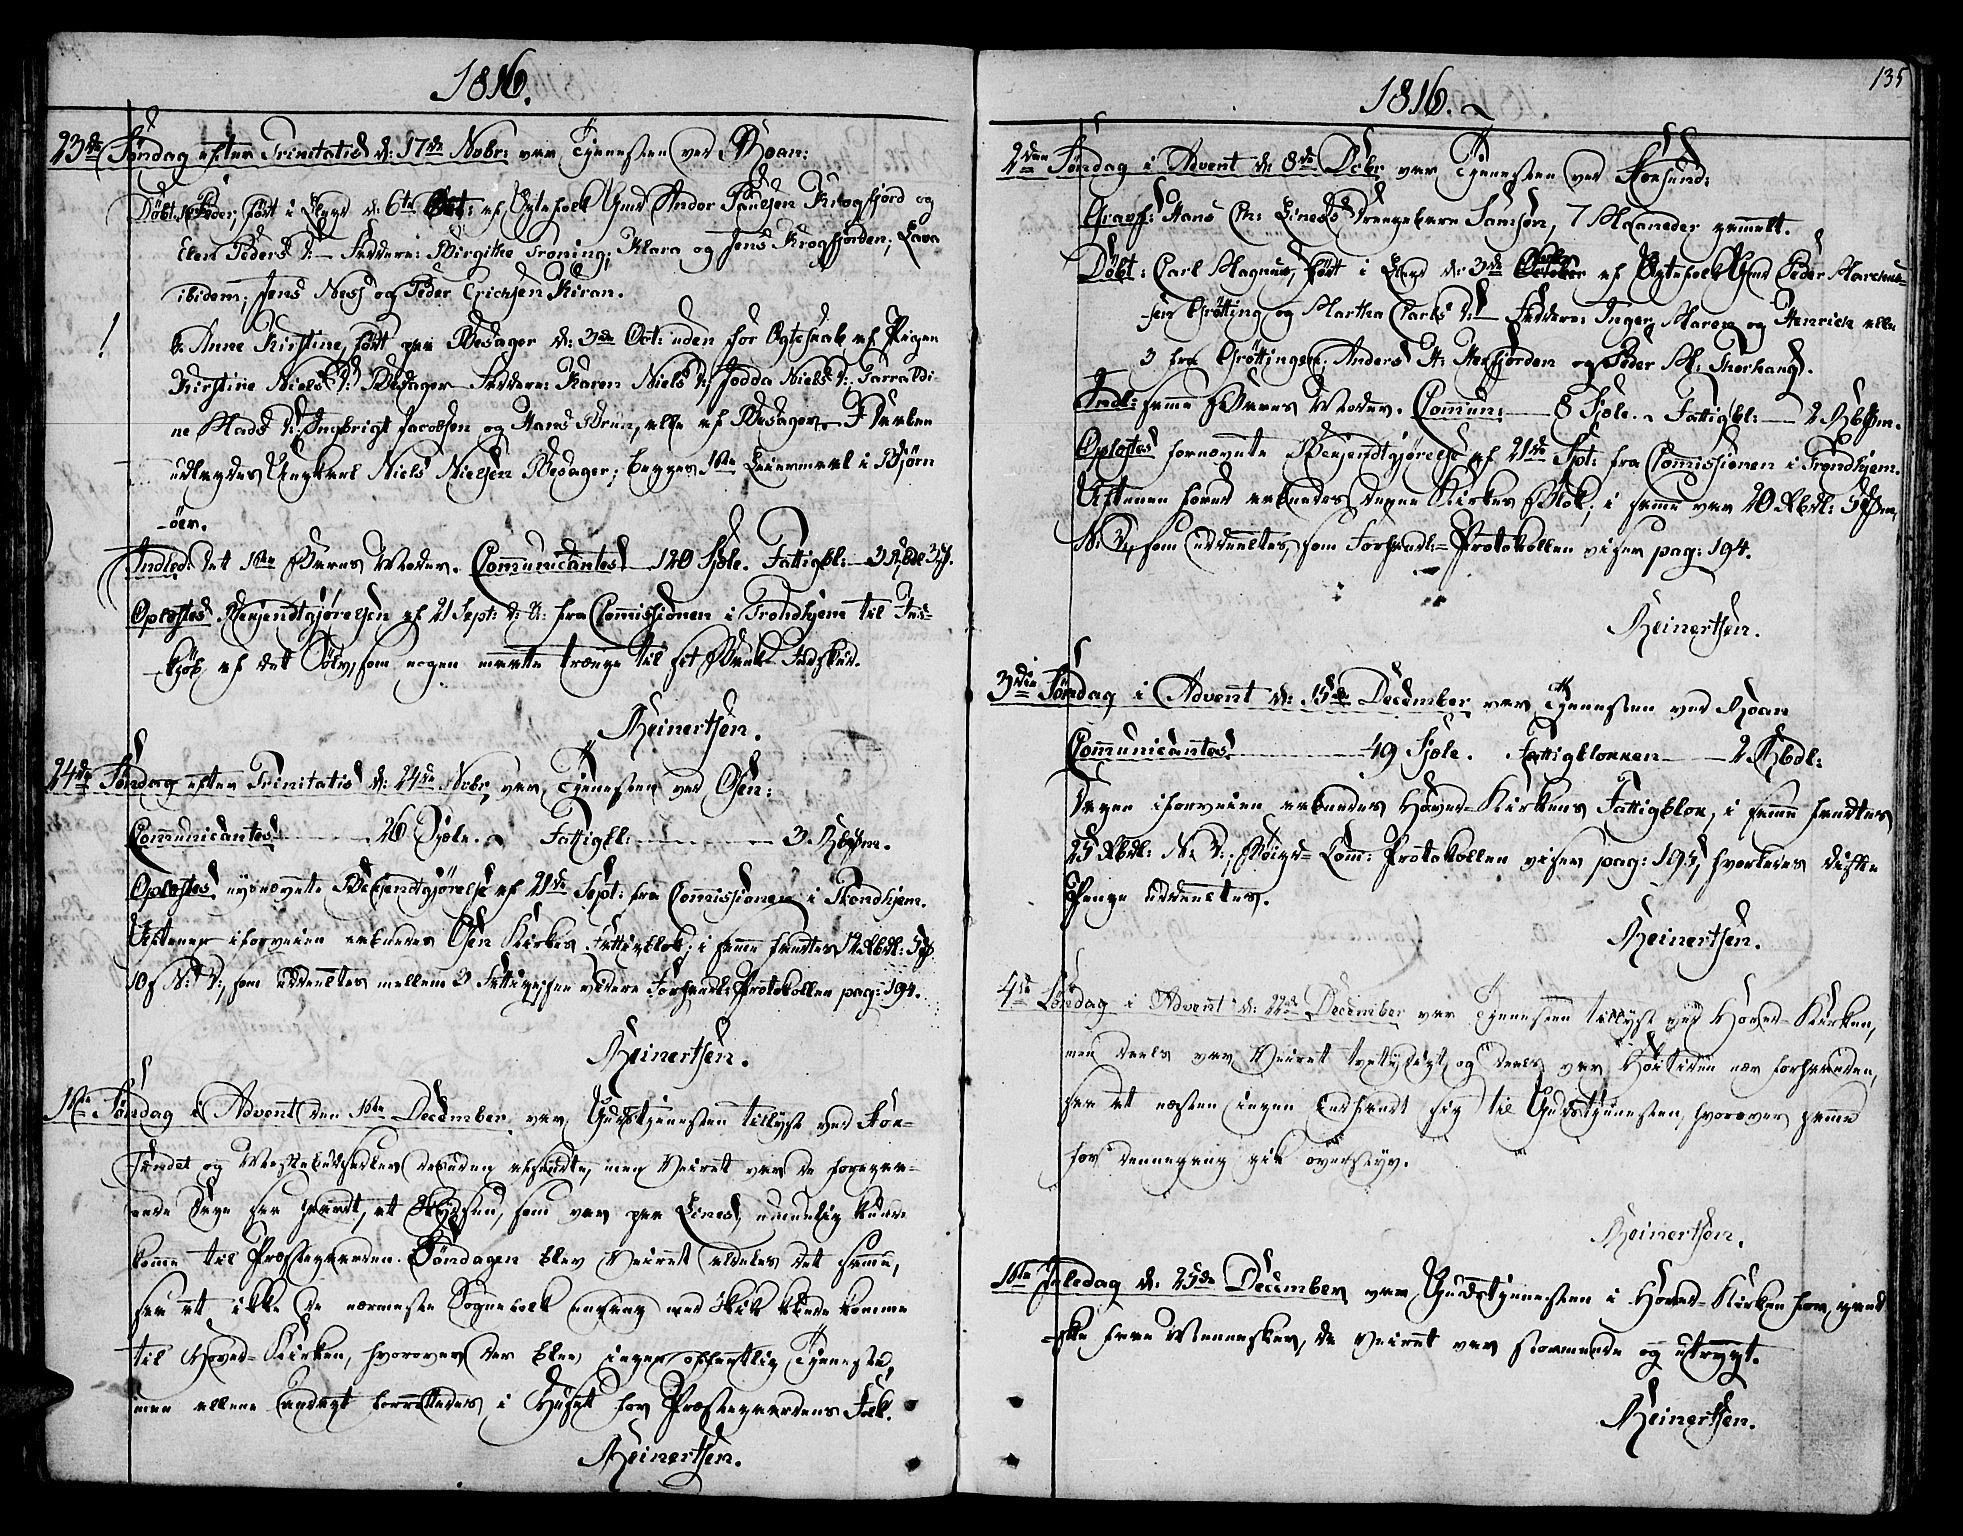 SAT, Ministerialprotokoller, klokkerbøker og fødselsregistre - Sør-Trøndelag, 657/L0701: Ministerialbok nr. 657A02, 1802-1831, s. 135